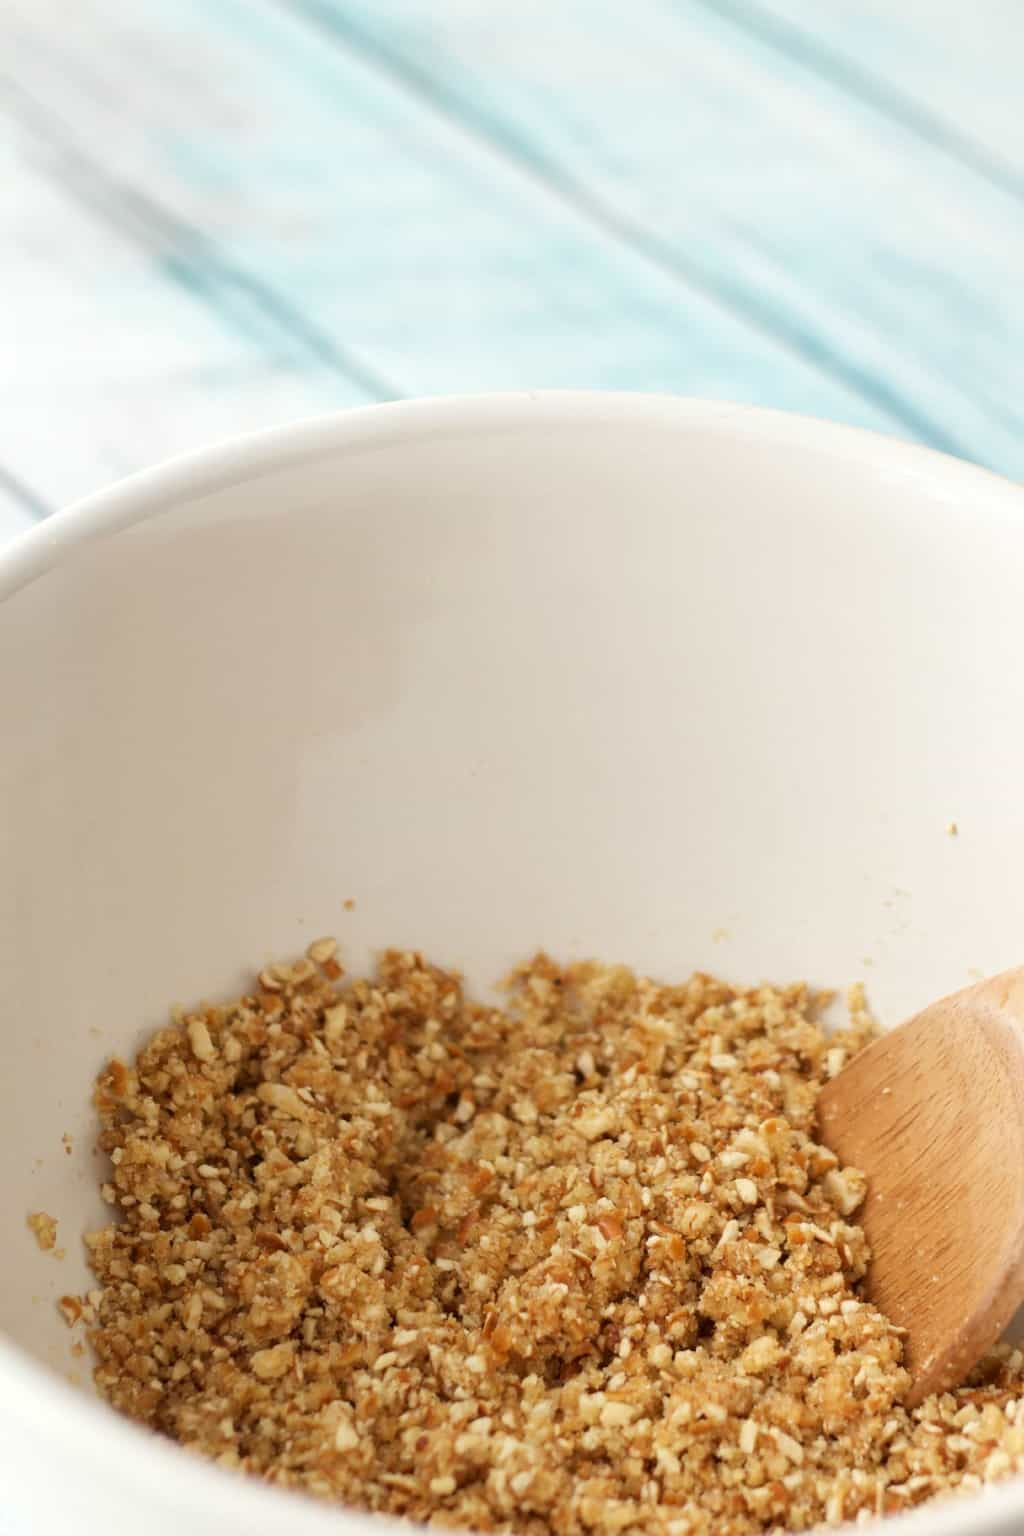 Making A Vegan Caramel Cream Pie Crust